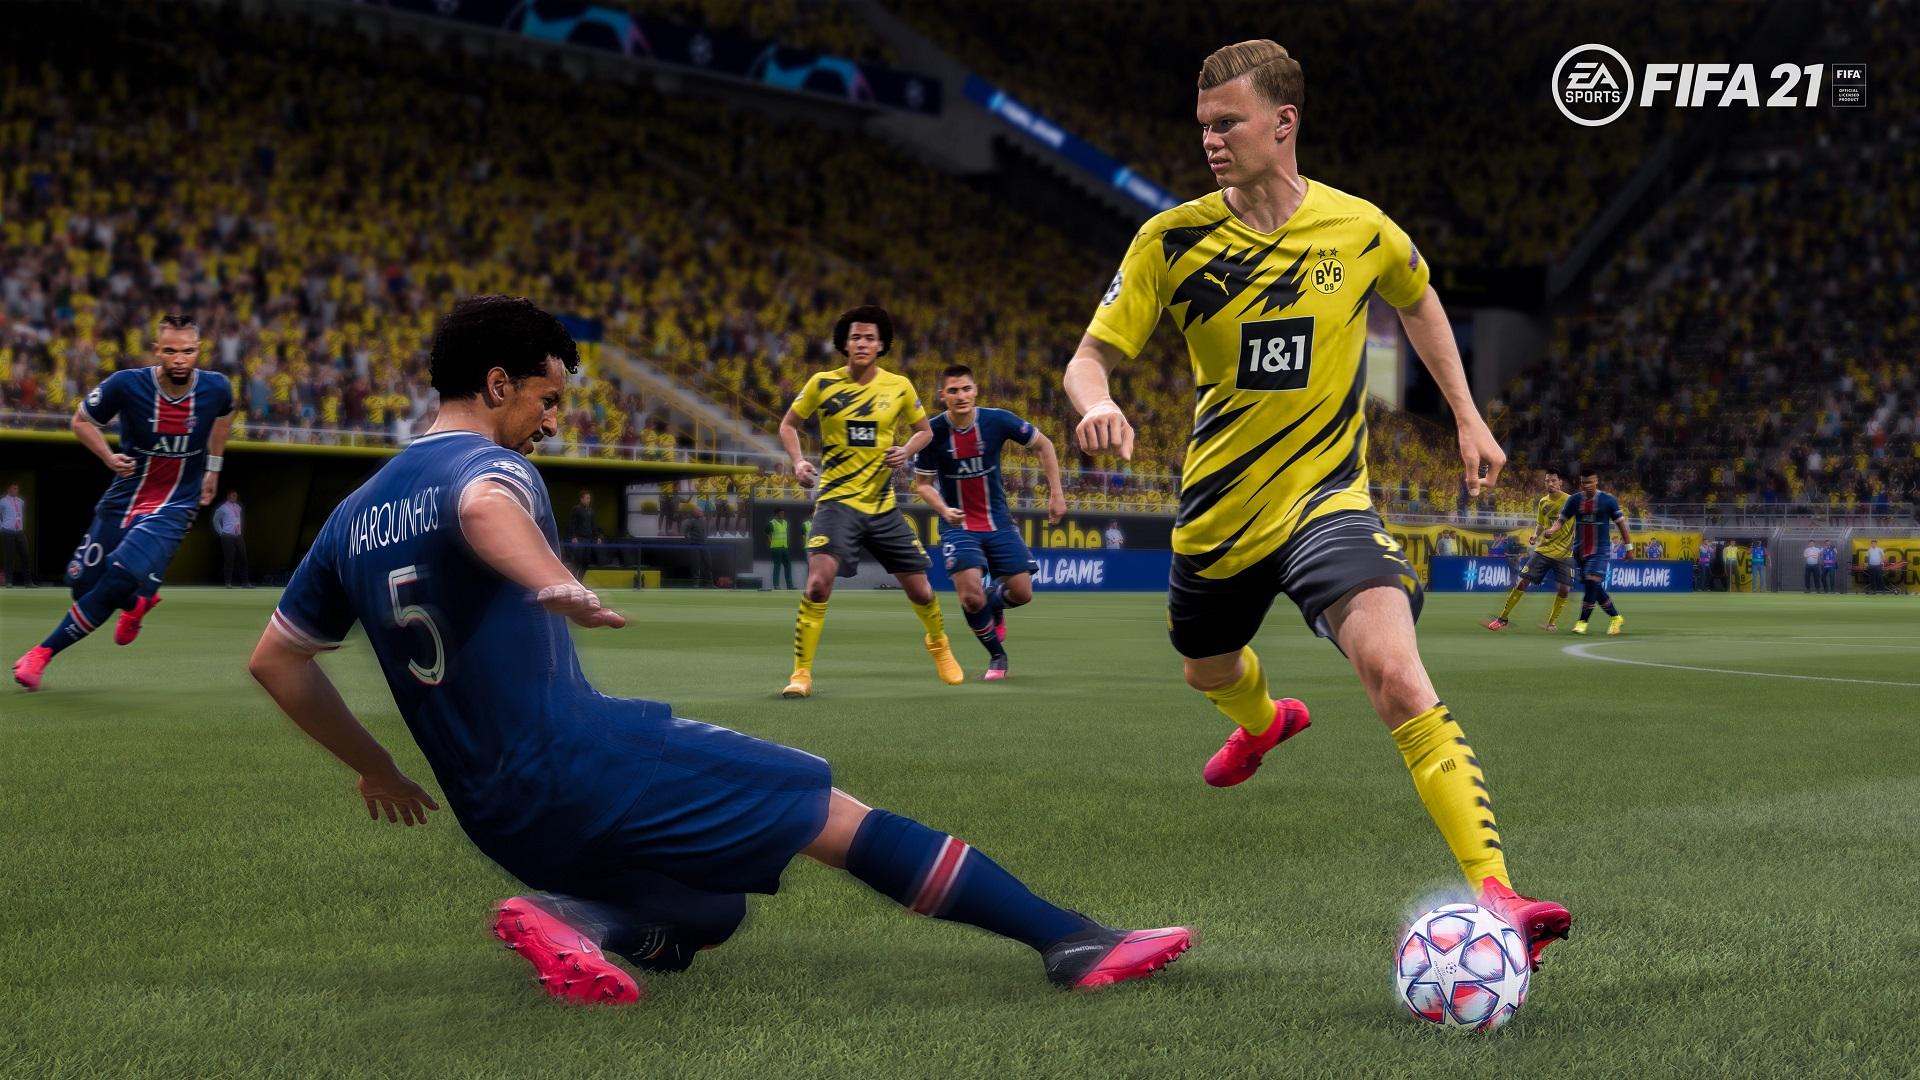 FIFA 21 - Haaland